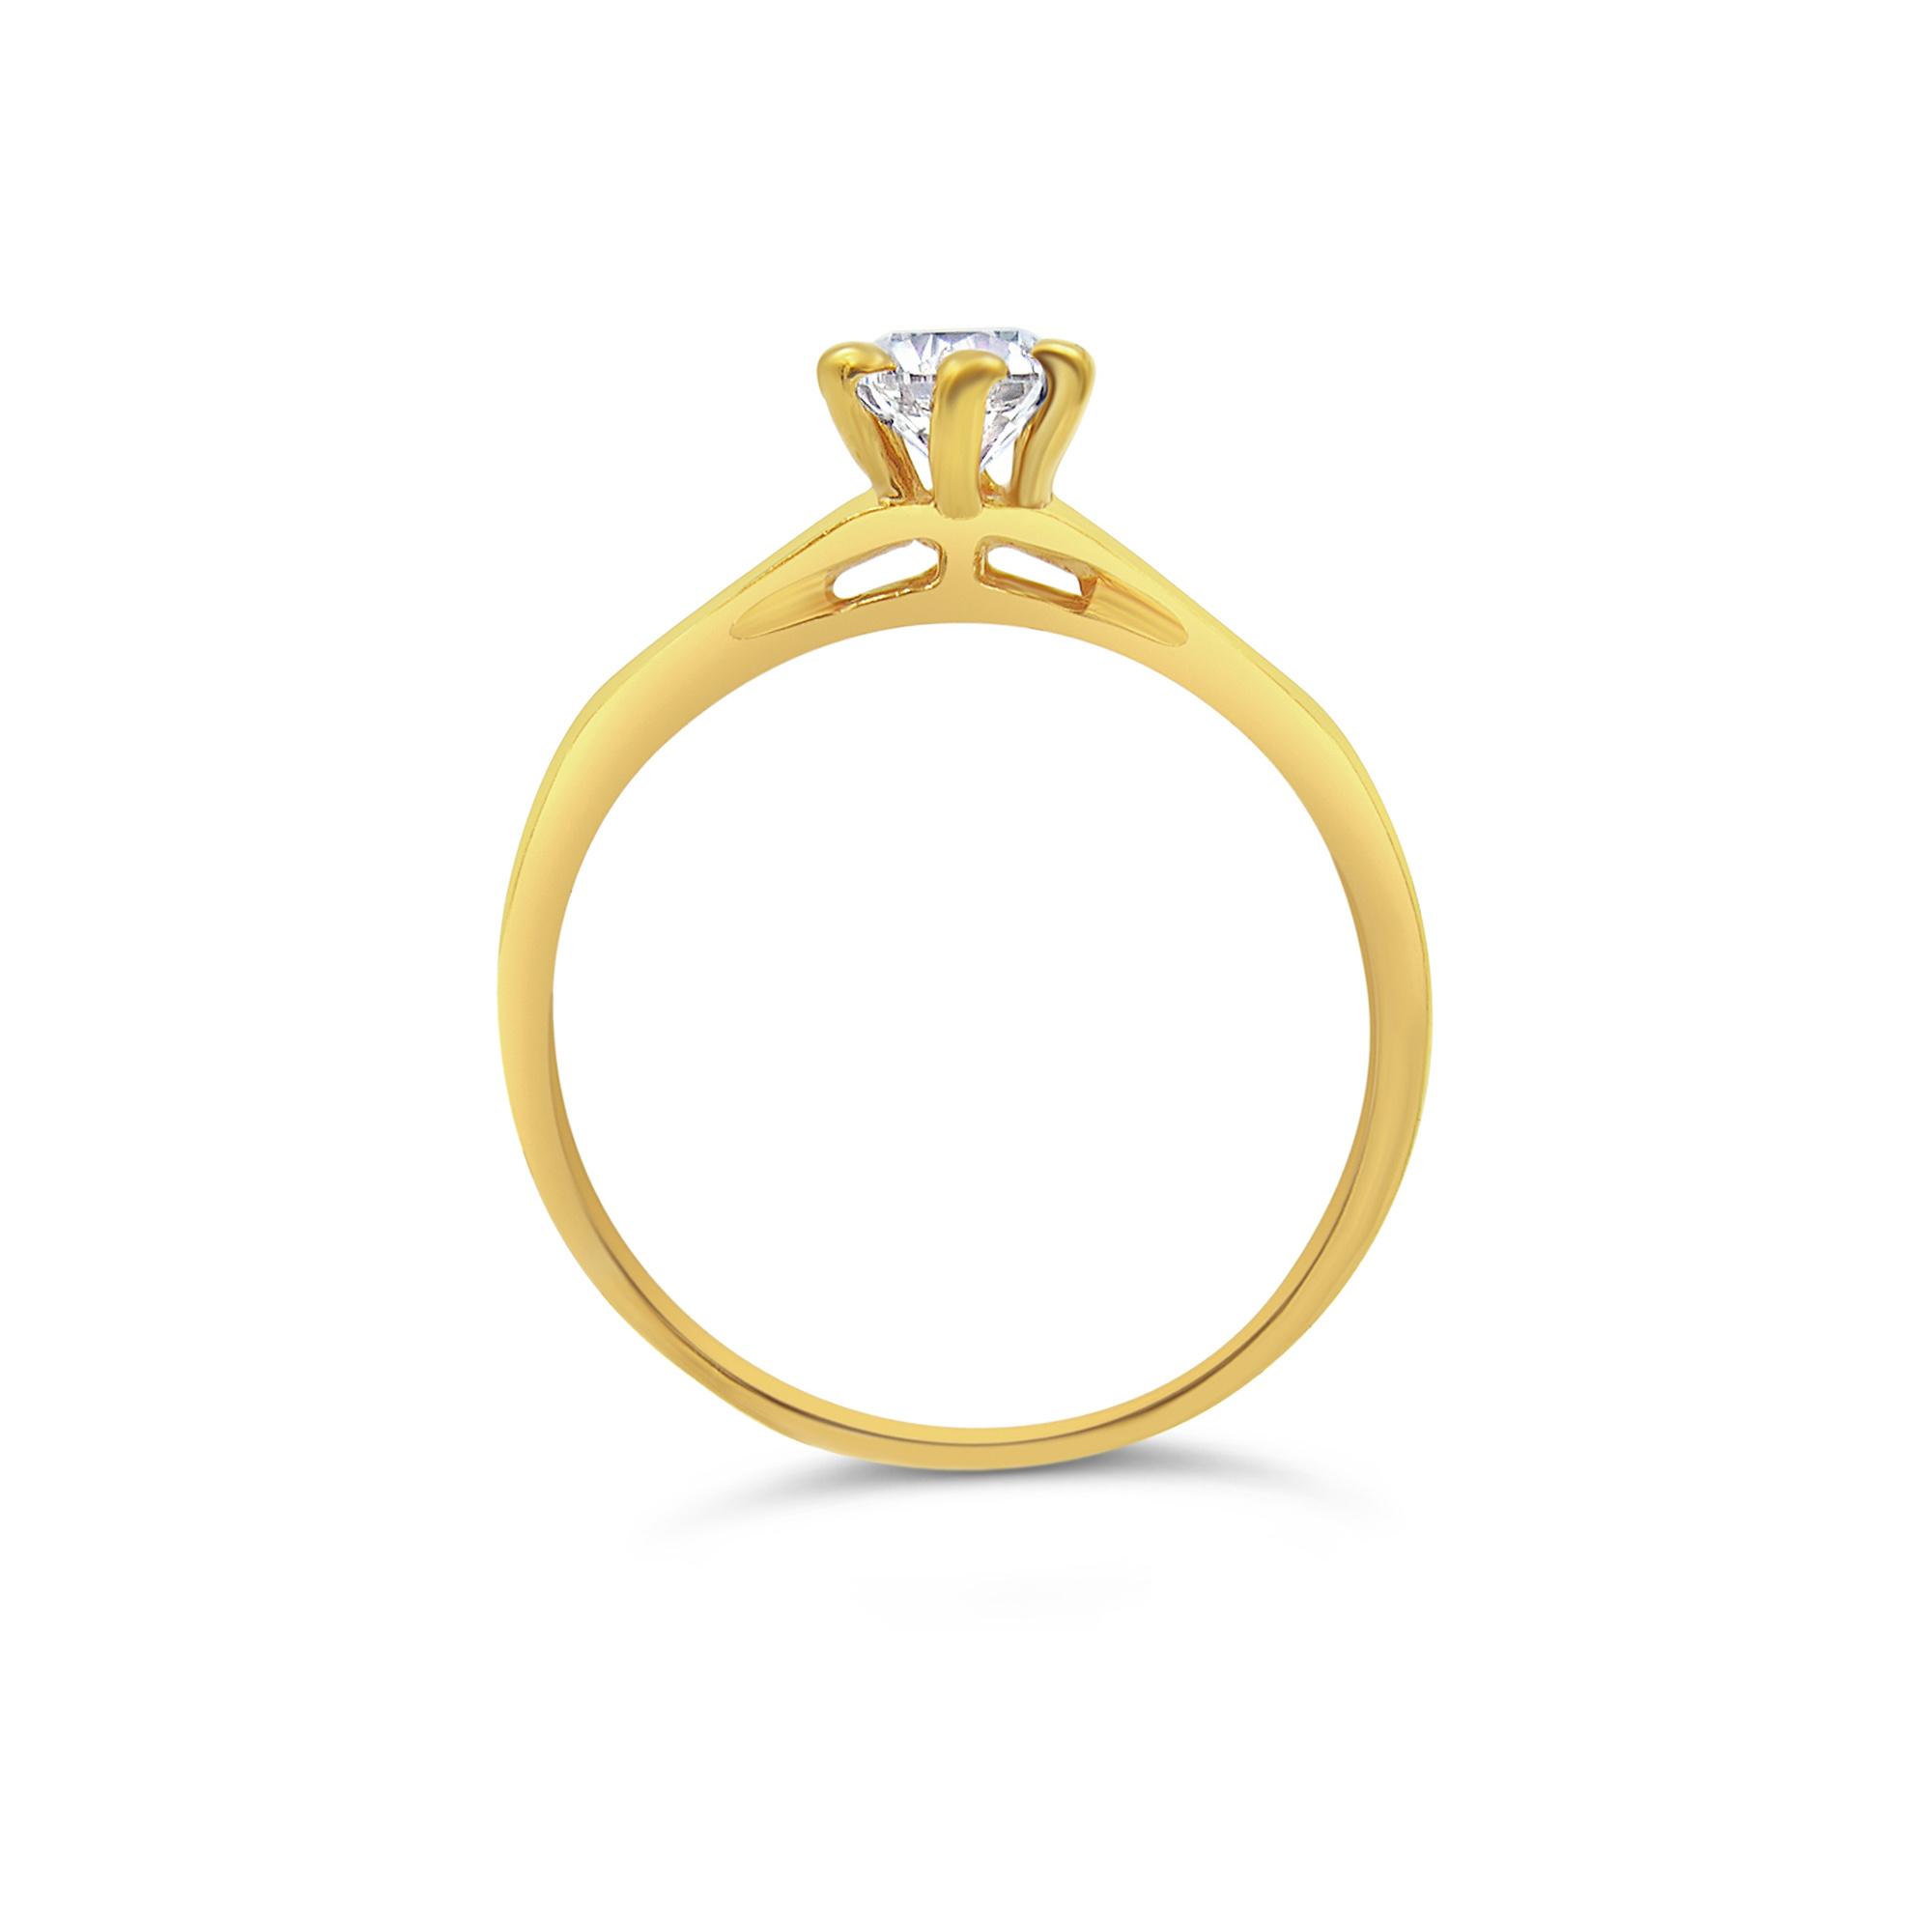 18kt geel goud verlovingsring met 0.70 ct diamanten